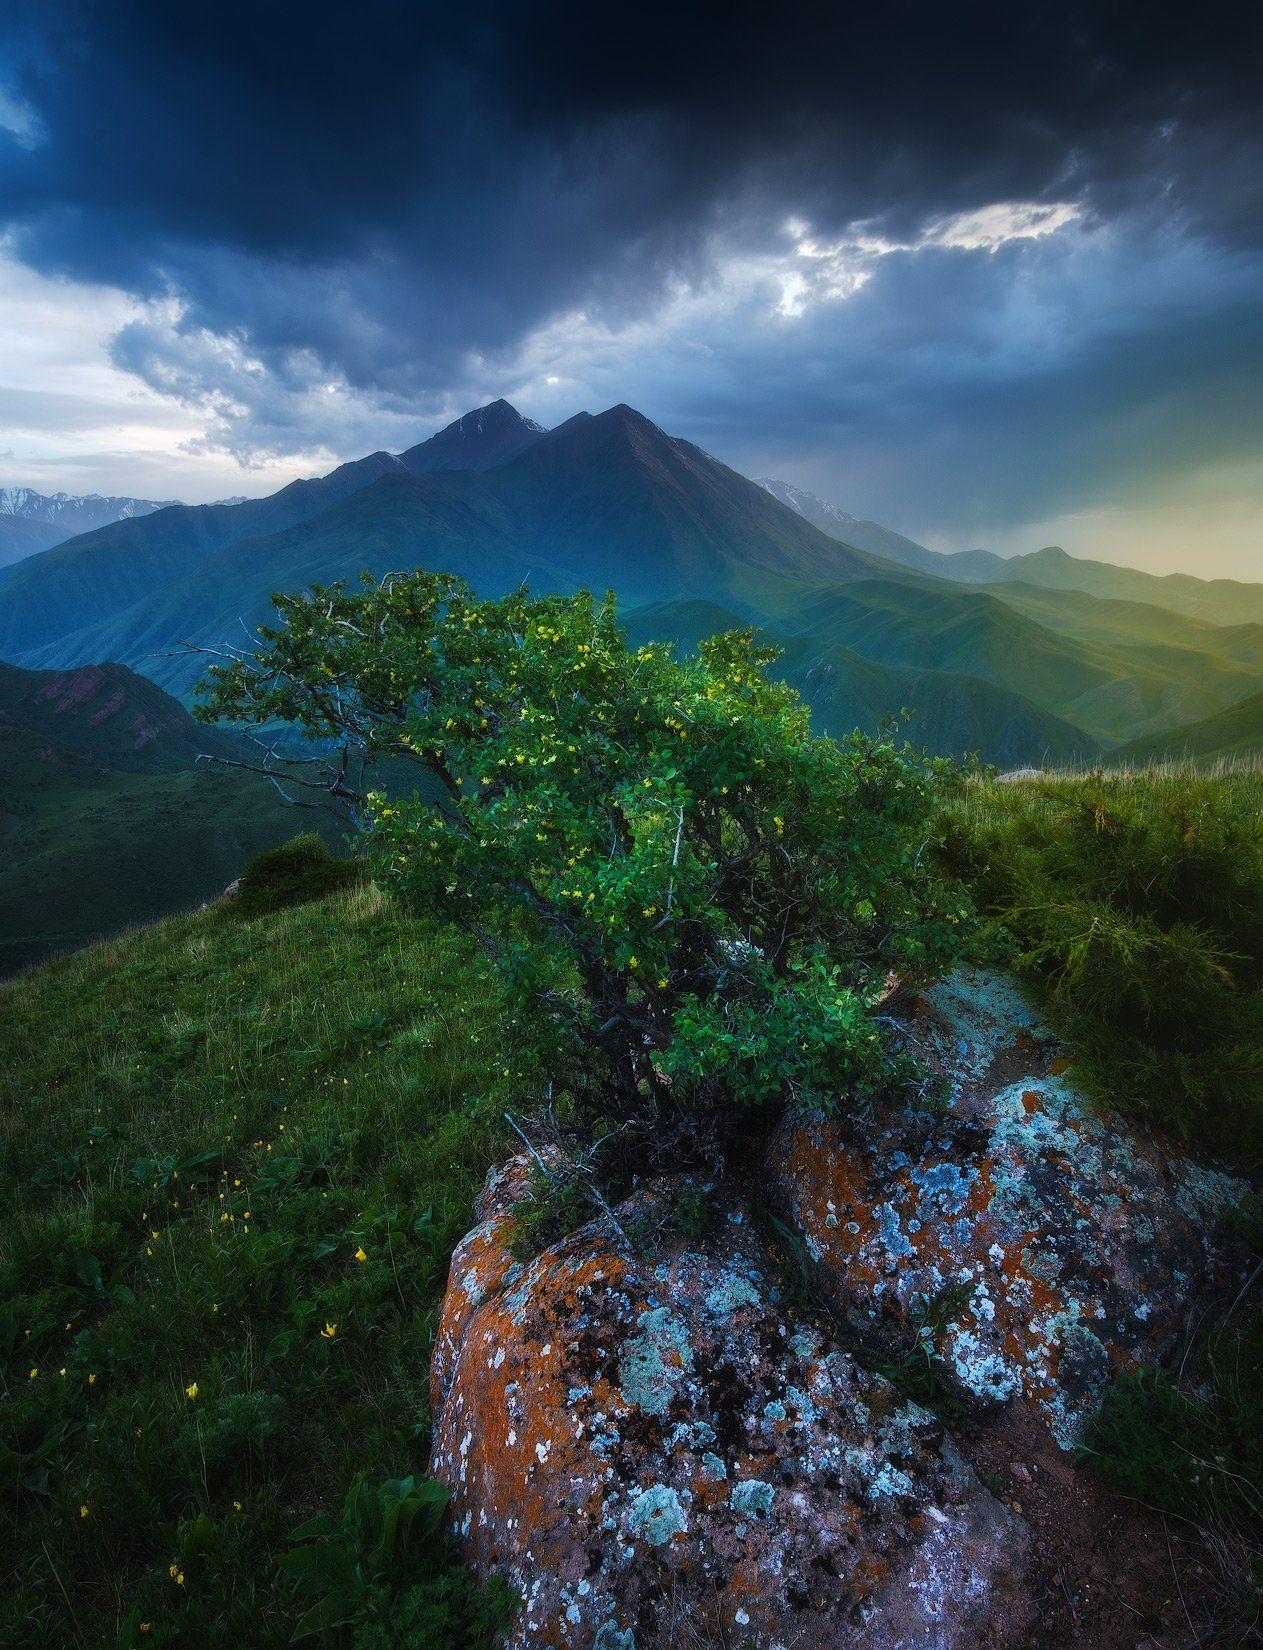 киргизия, кыргызстан, средняя азия, горы, каньон, скалы, пейзаж, лето, ущелье, вечер, закат, Оборотов Алексей